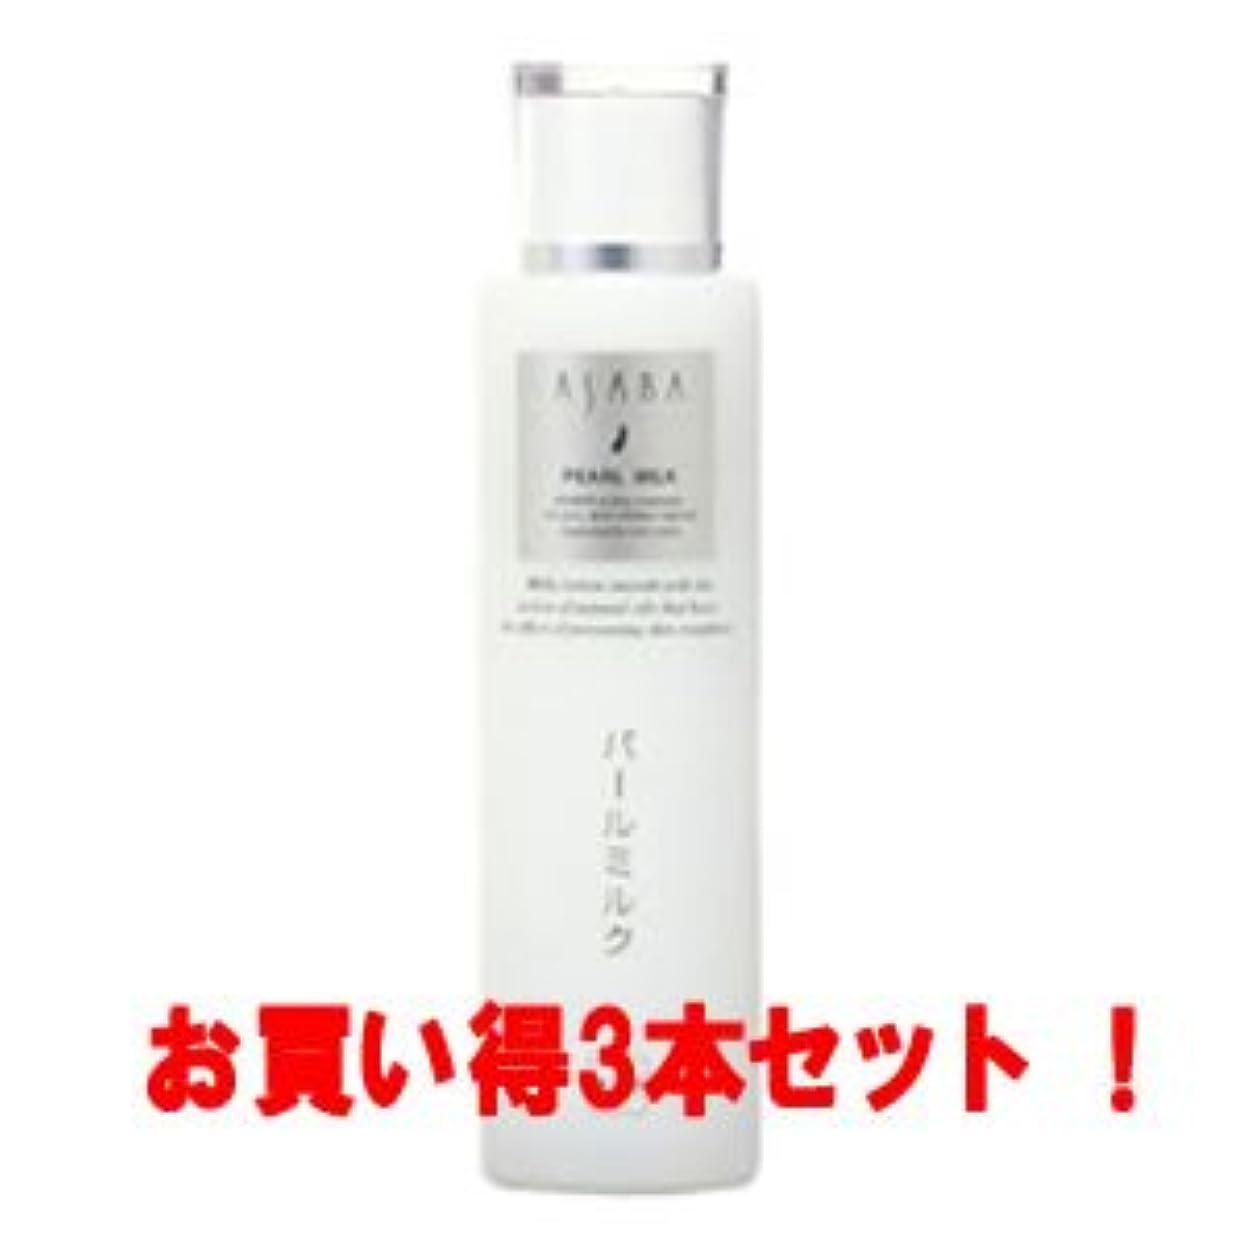 実際のほめるボイド(アサバ化粧品)アサバ パールミルク100ml(お買い得3本セット)